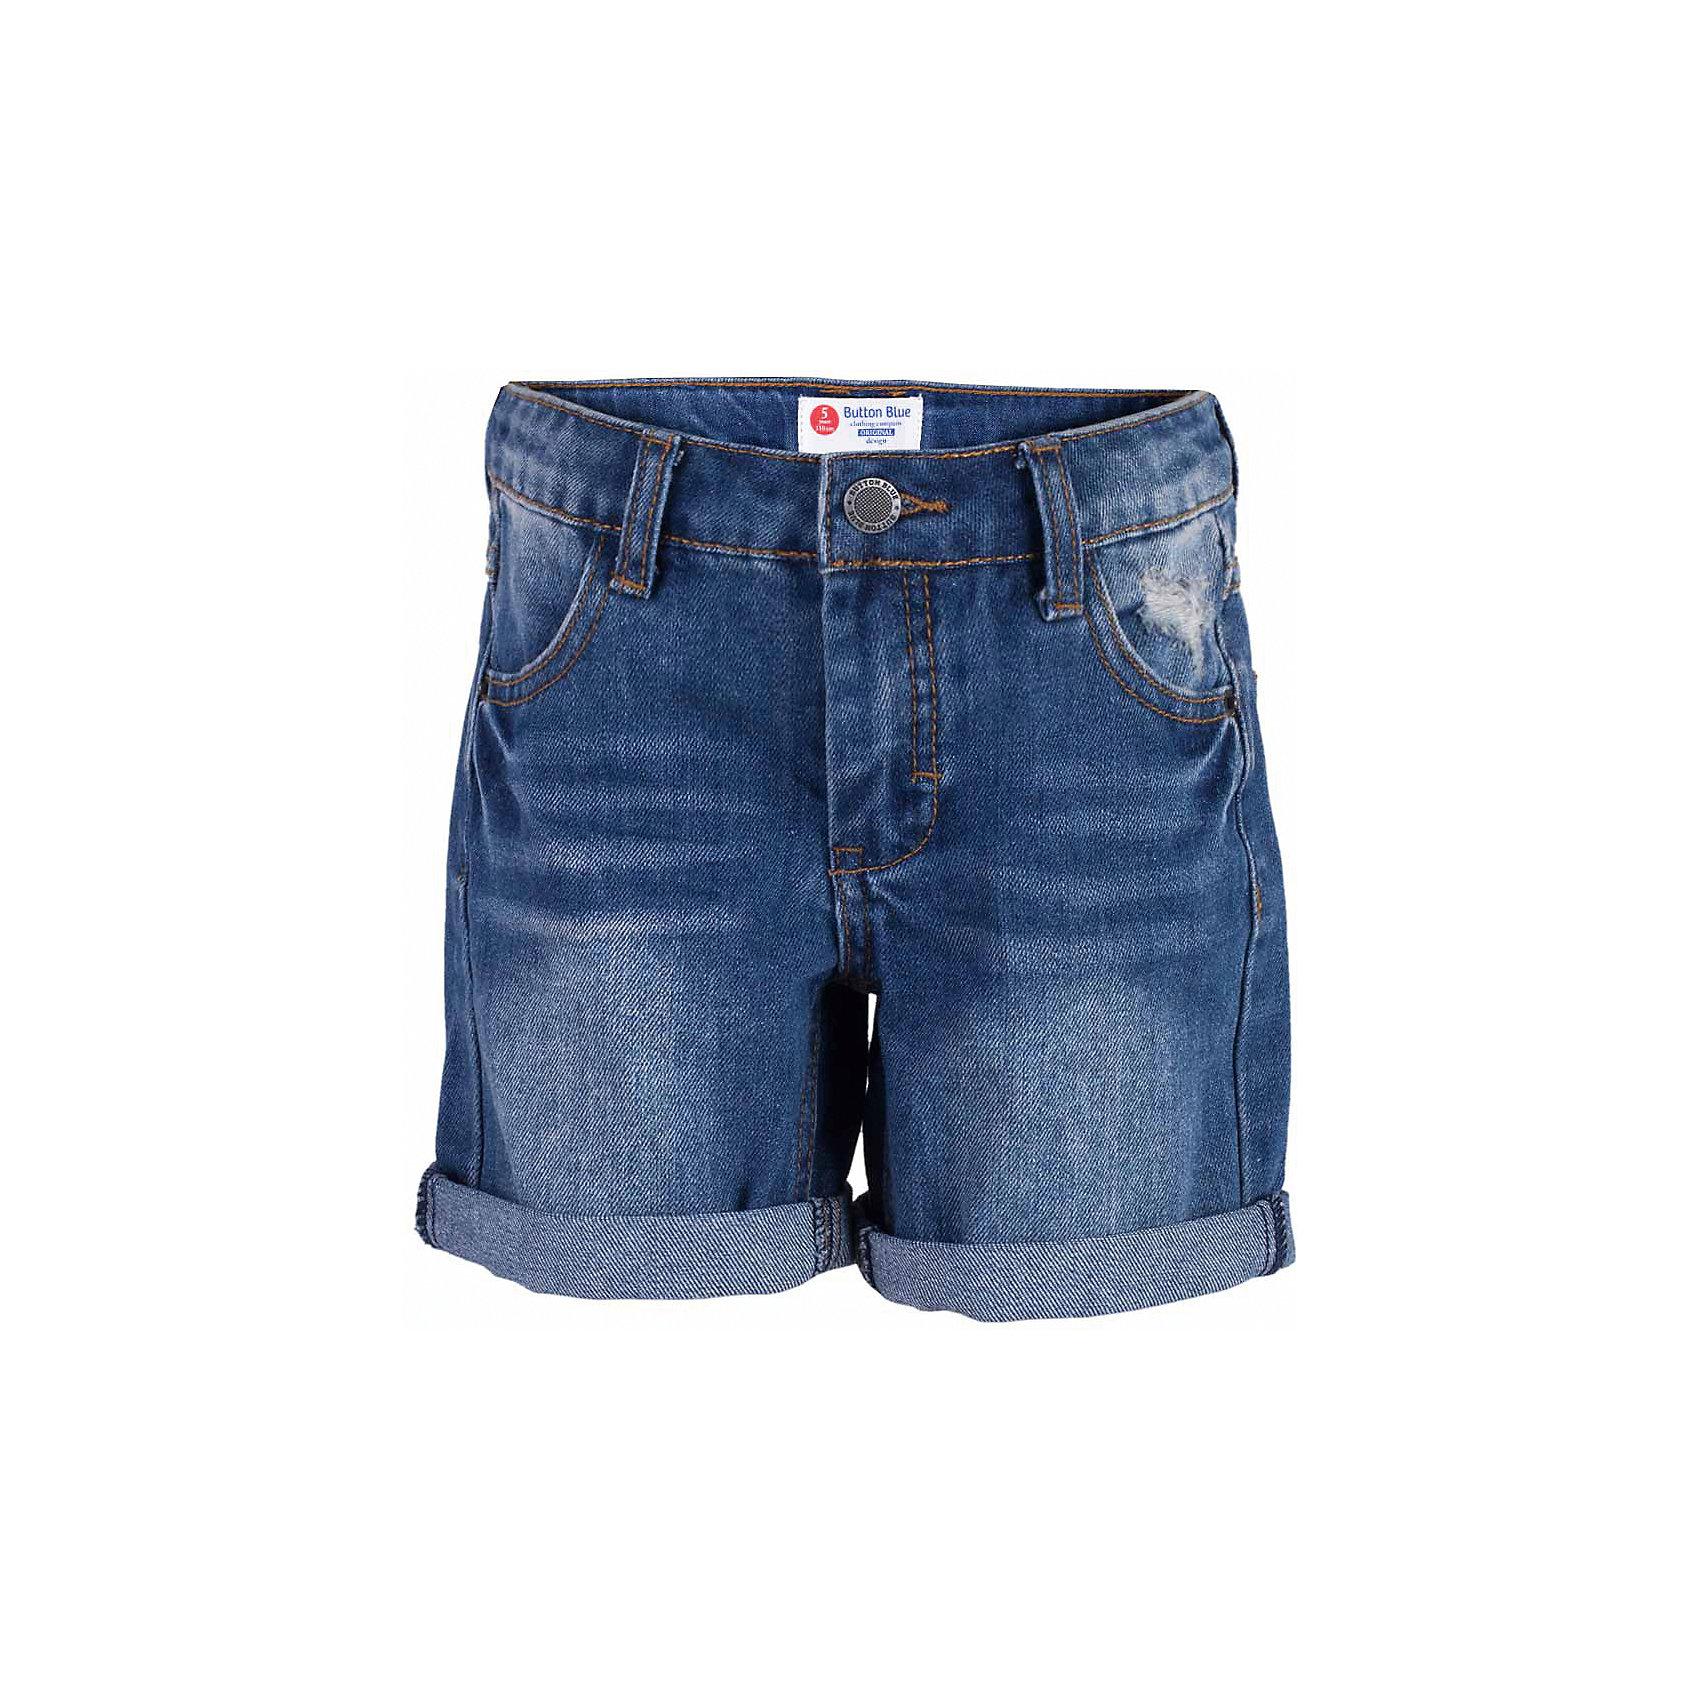 Шорты джинсовые для мальчика  BUTTON BLUEДжинсовая одежда<br>Шорты для мальчика  BUTTON BLUE<br>Классные джинсовые шорты с потертостями, варкой и повреждениями - прекрасное решение на каждый день! И дома, и в лагере, и на спортивной площадке эти шорты для мальчика обеспечат комфорт и соответствие модным трендам. Купить недорого детские шорты от Button Blue , значит, сделать каждый летний день ребенка радостным и беззаботным!<br>Состав:<br>100%  хлопок<br><br>Ширина мм: 191<br>Глубина мм: 10<br>Высота мм: 175<br>Вес г: 273<br>Цвет: синий<br>Возраст от месяцев: 84<br>Возраст до месяцев: 96<br>Пол: Мужской<br>Возраст: Детский<br>Размер: 128,146,152,158,98,104,110,134,116,122,140<br>SKU: 5524644